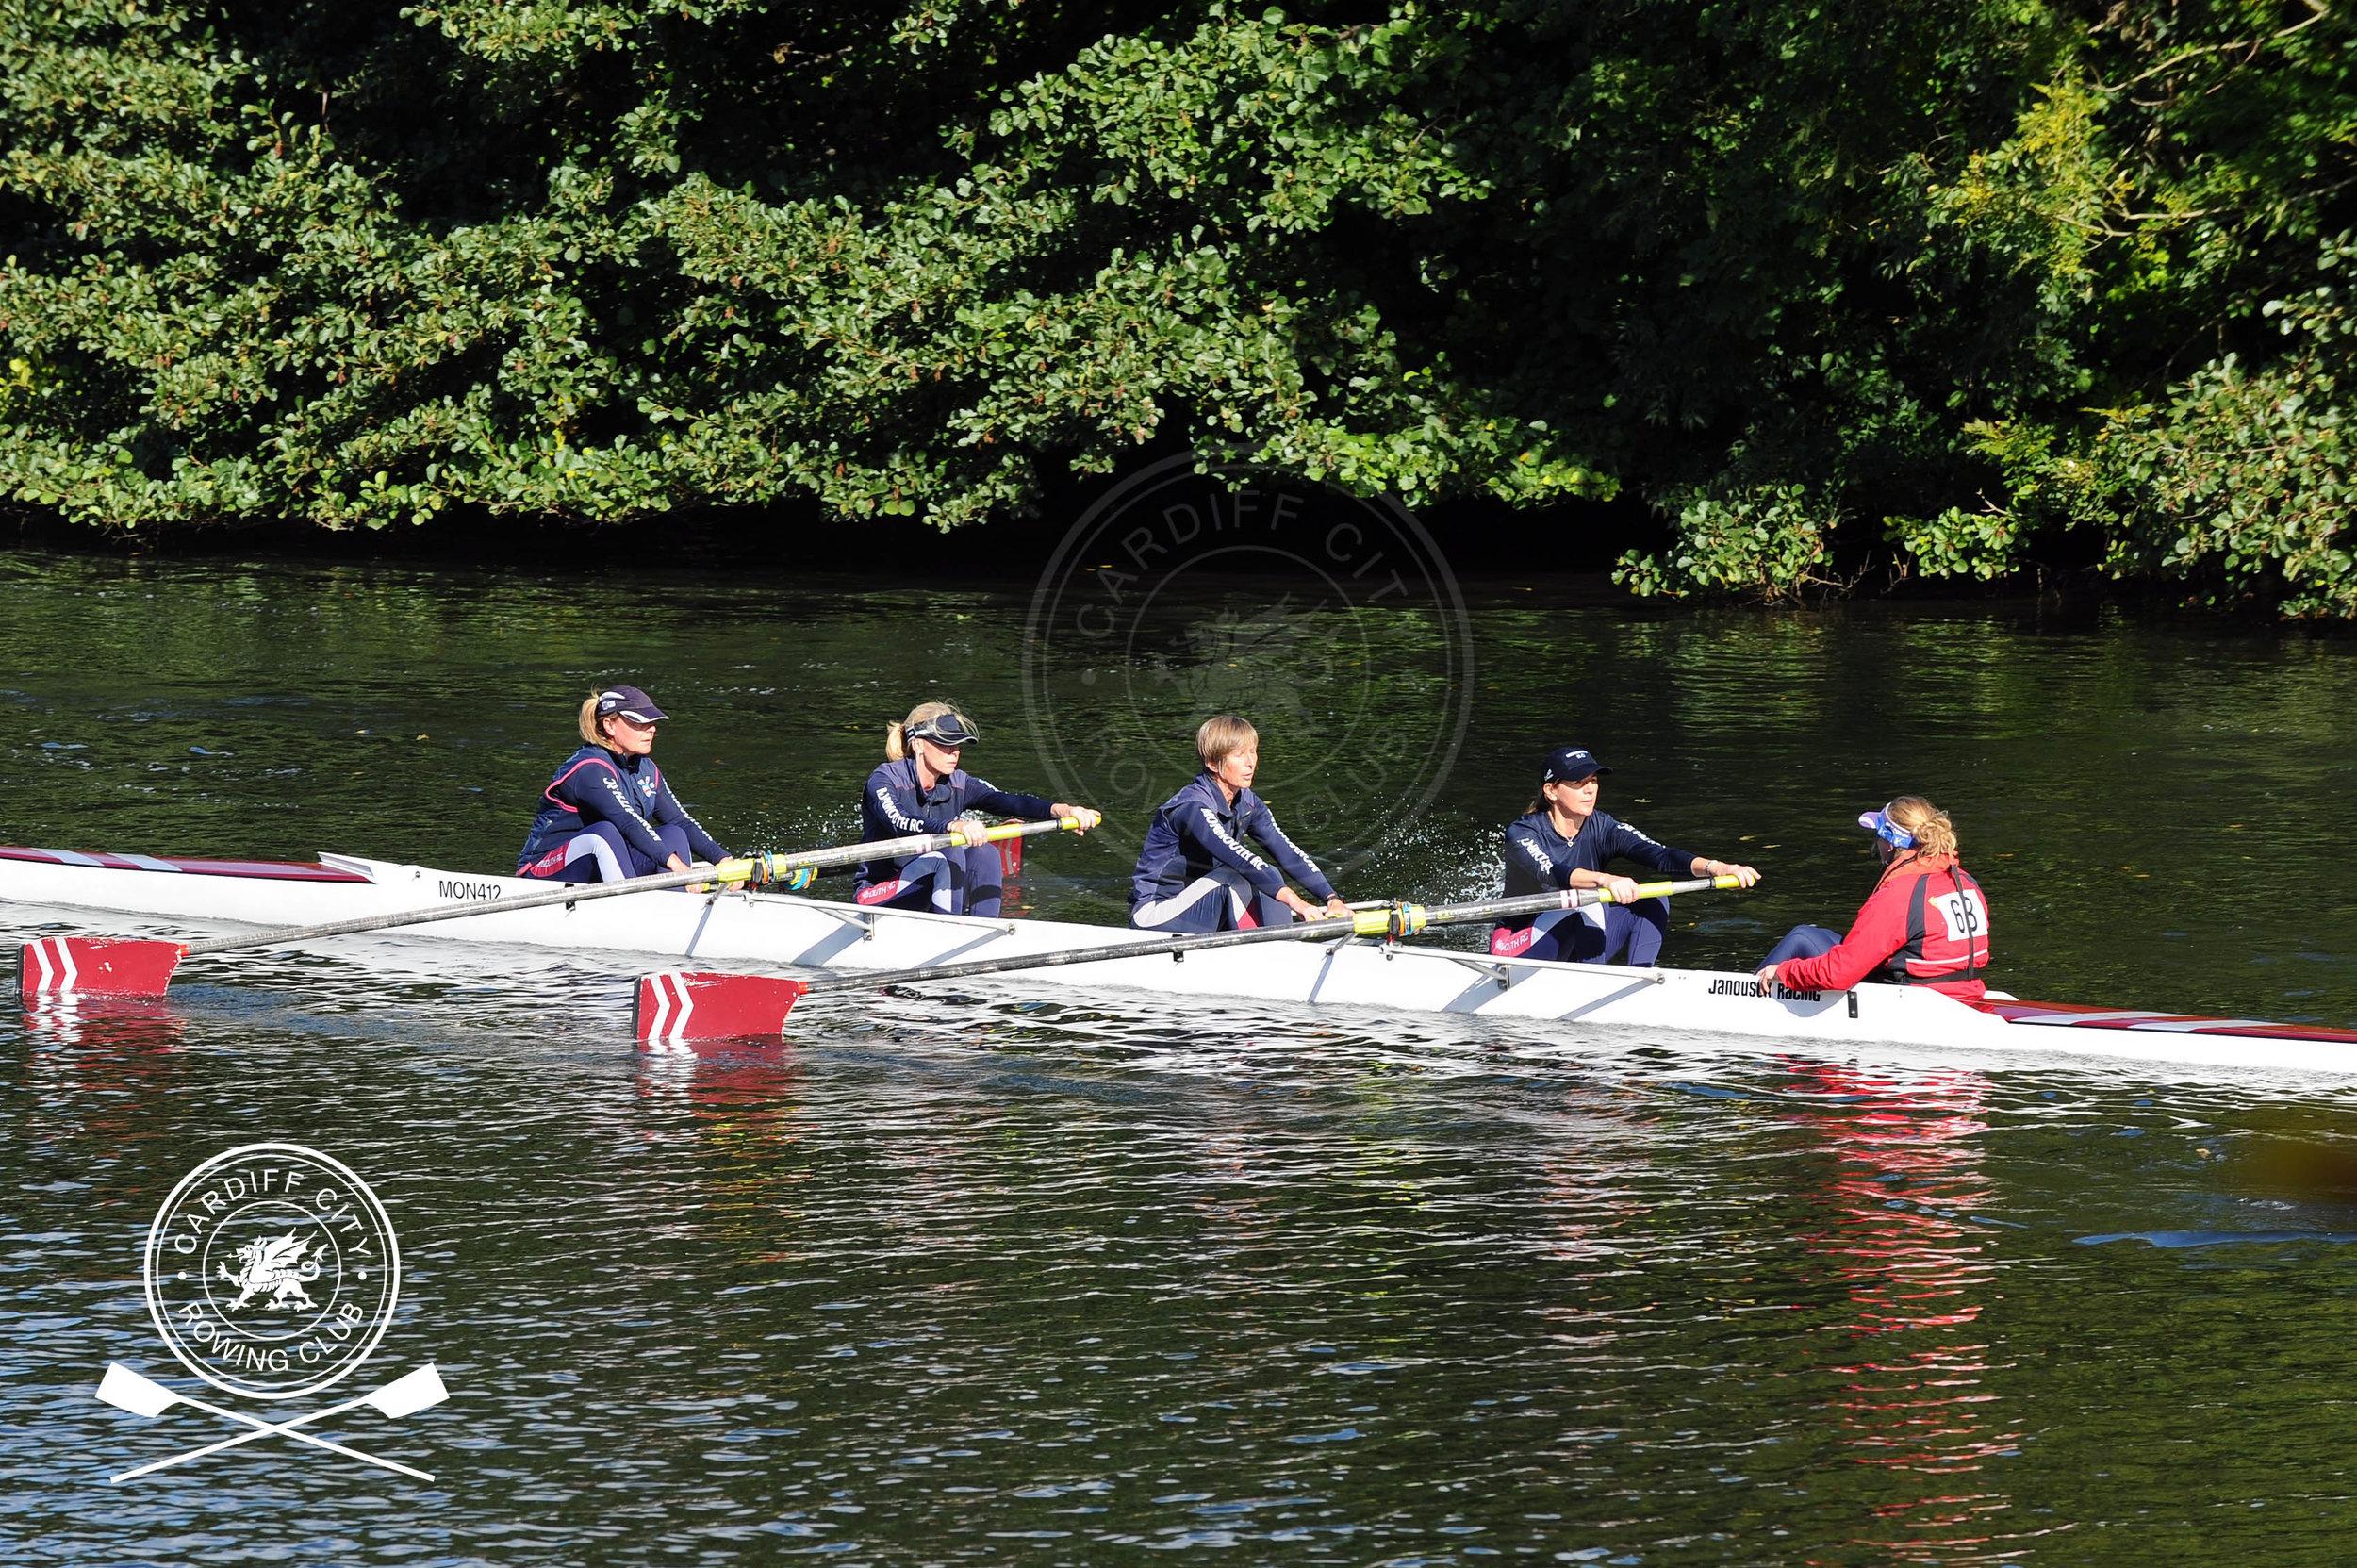 Cardiff_City_Head_Race_165.jpg